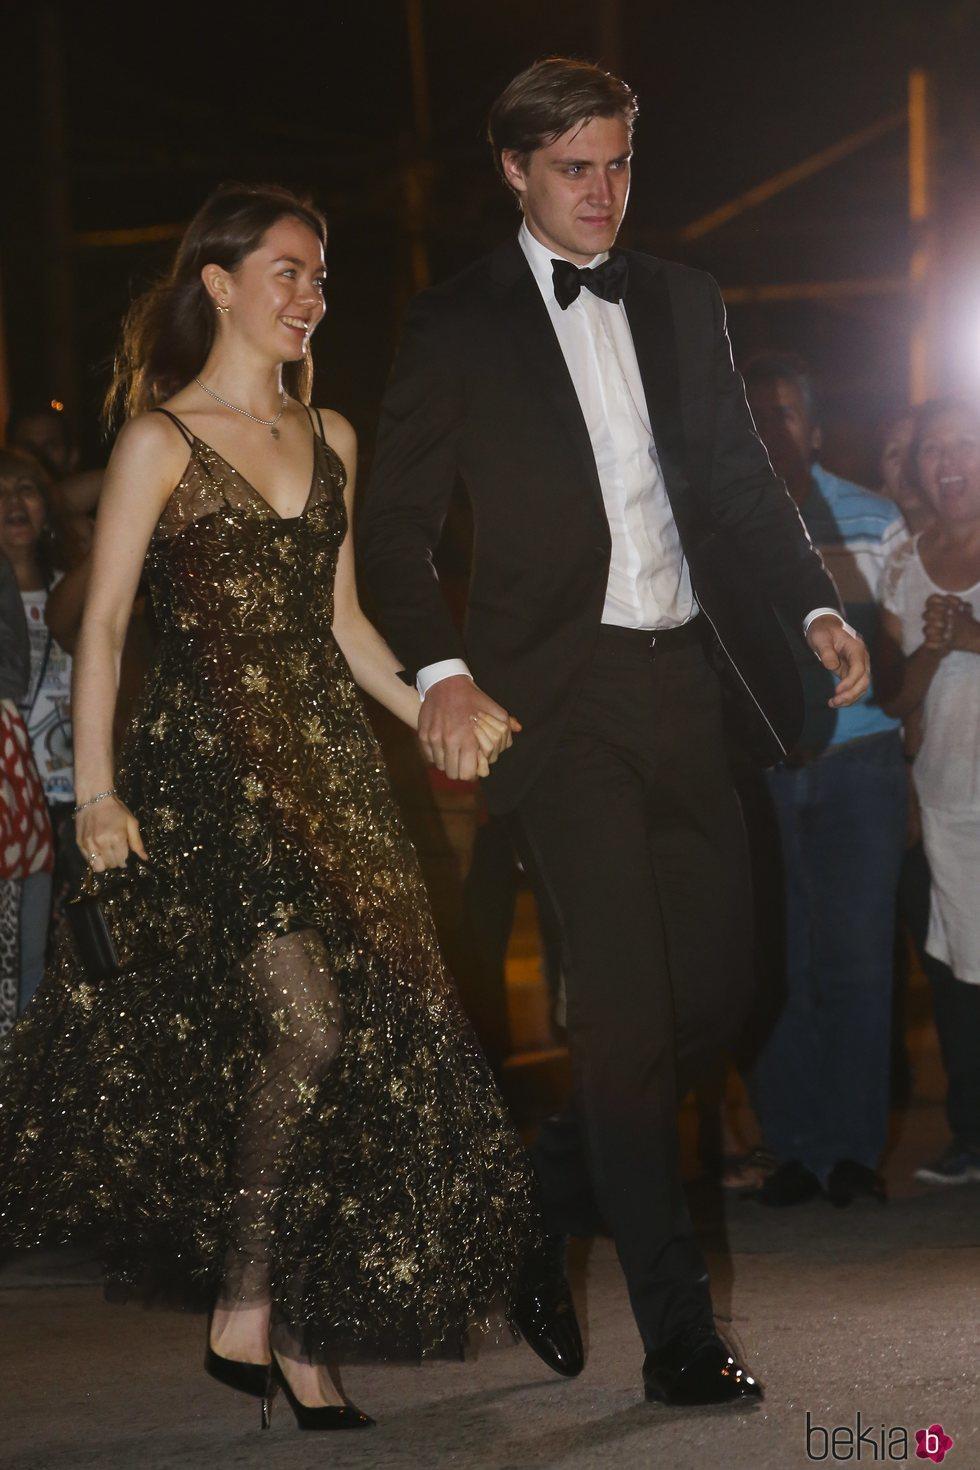 La Princesa Alexandra de Hannover y su novio Ben-Sylvester Strautmann en la fiesta de largo de Christian y Sassa de Hannover